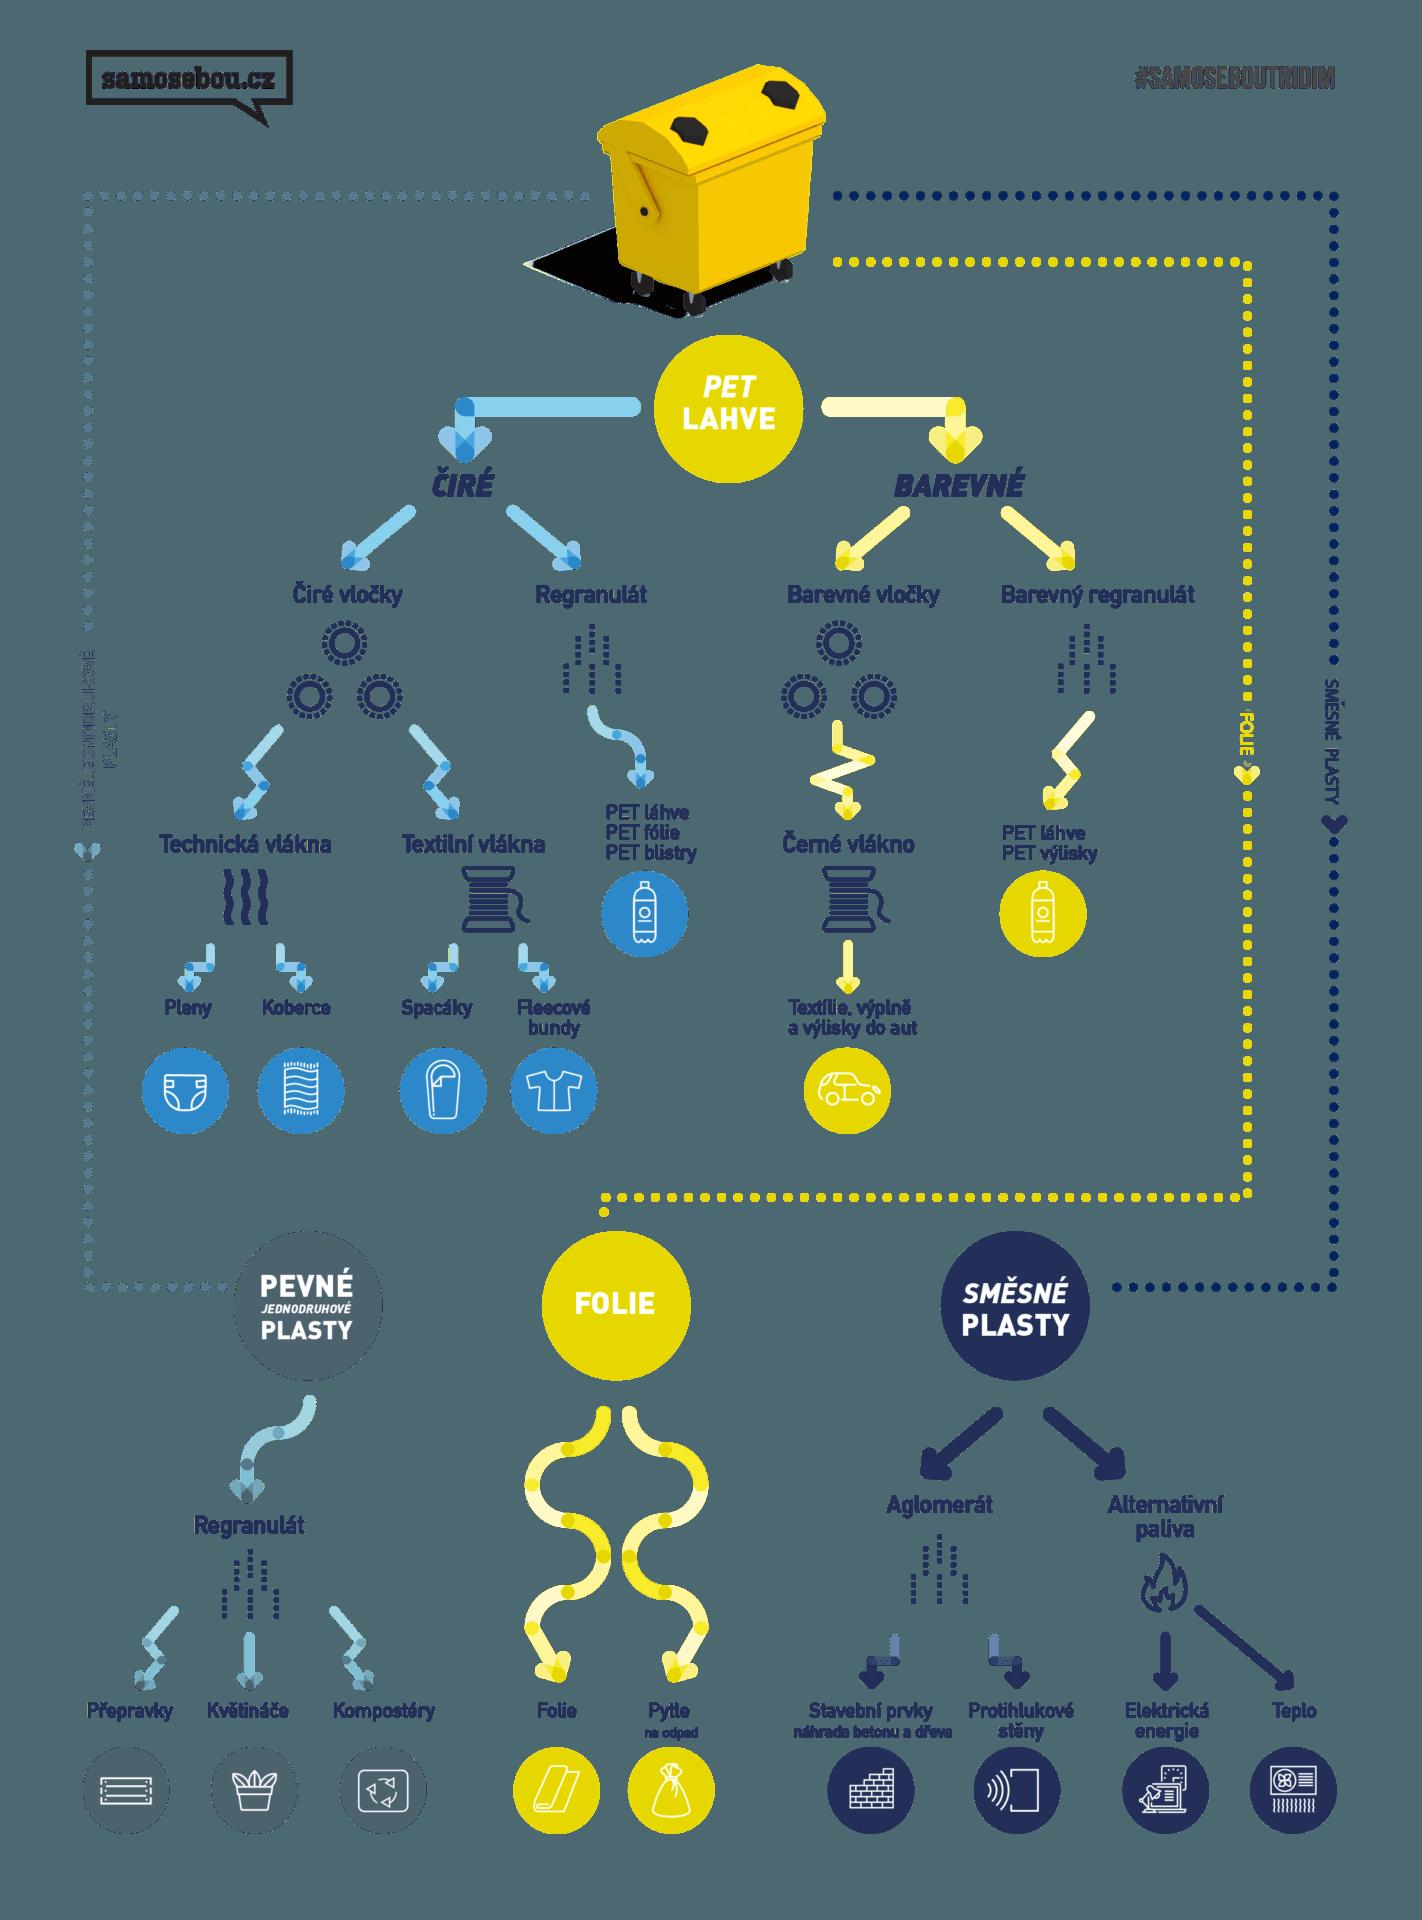 infografika_samosebou_pet_lahve